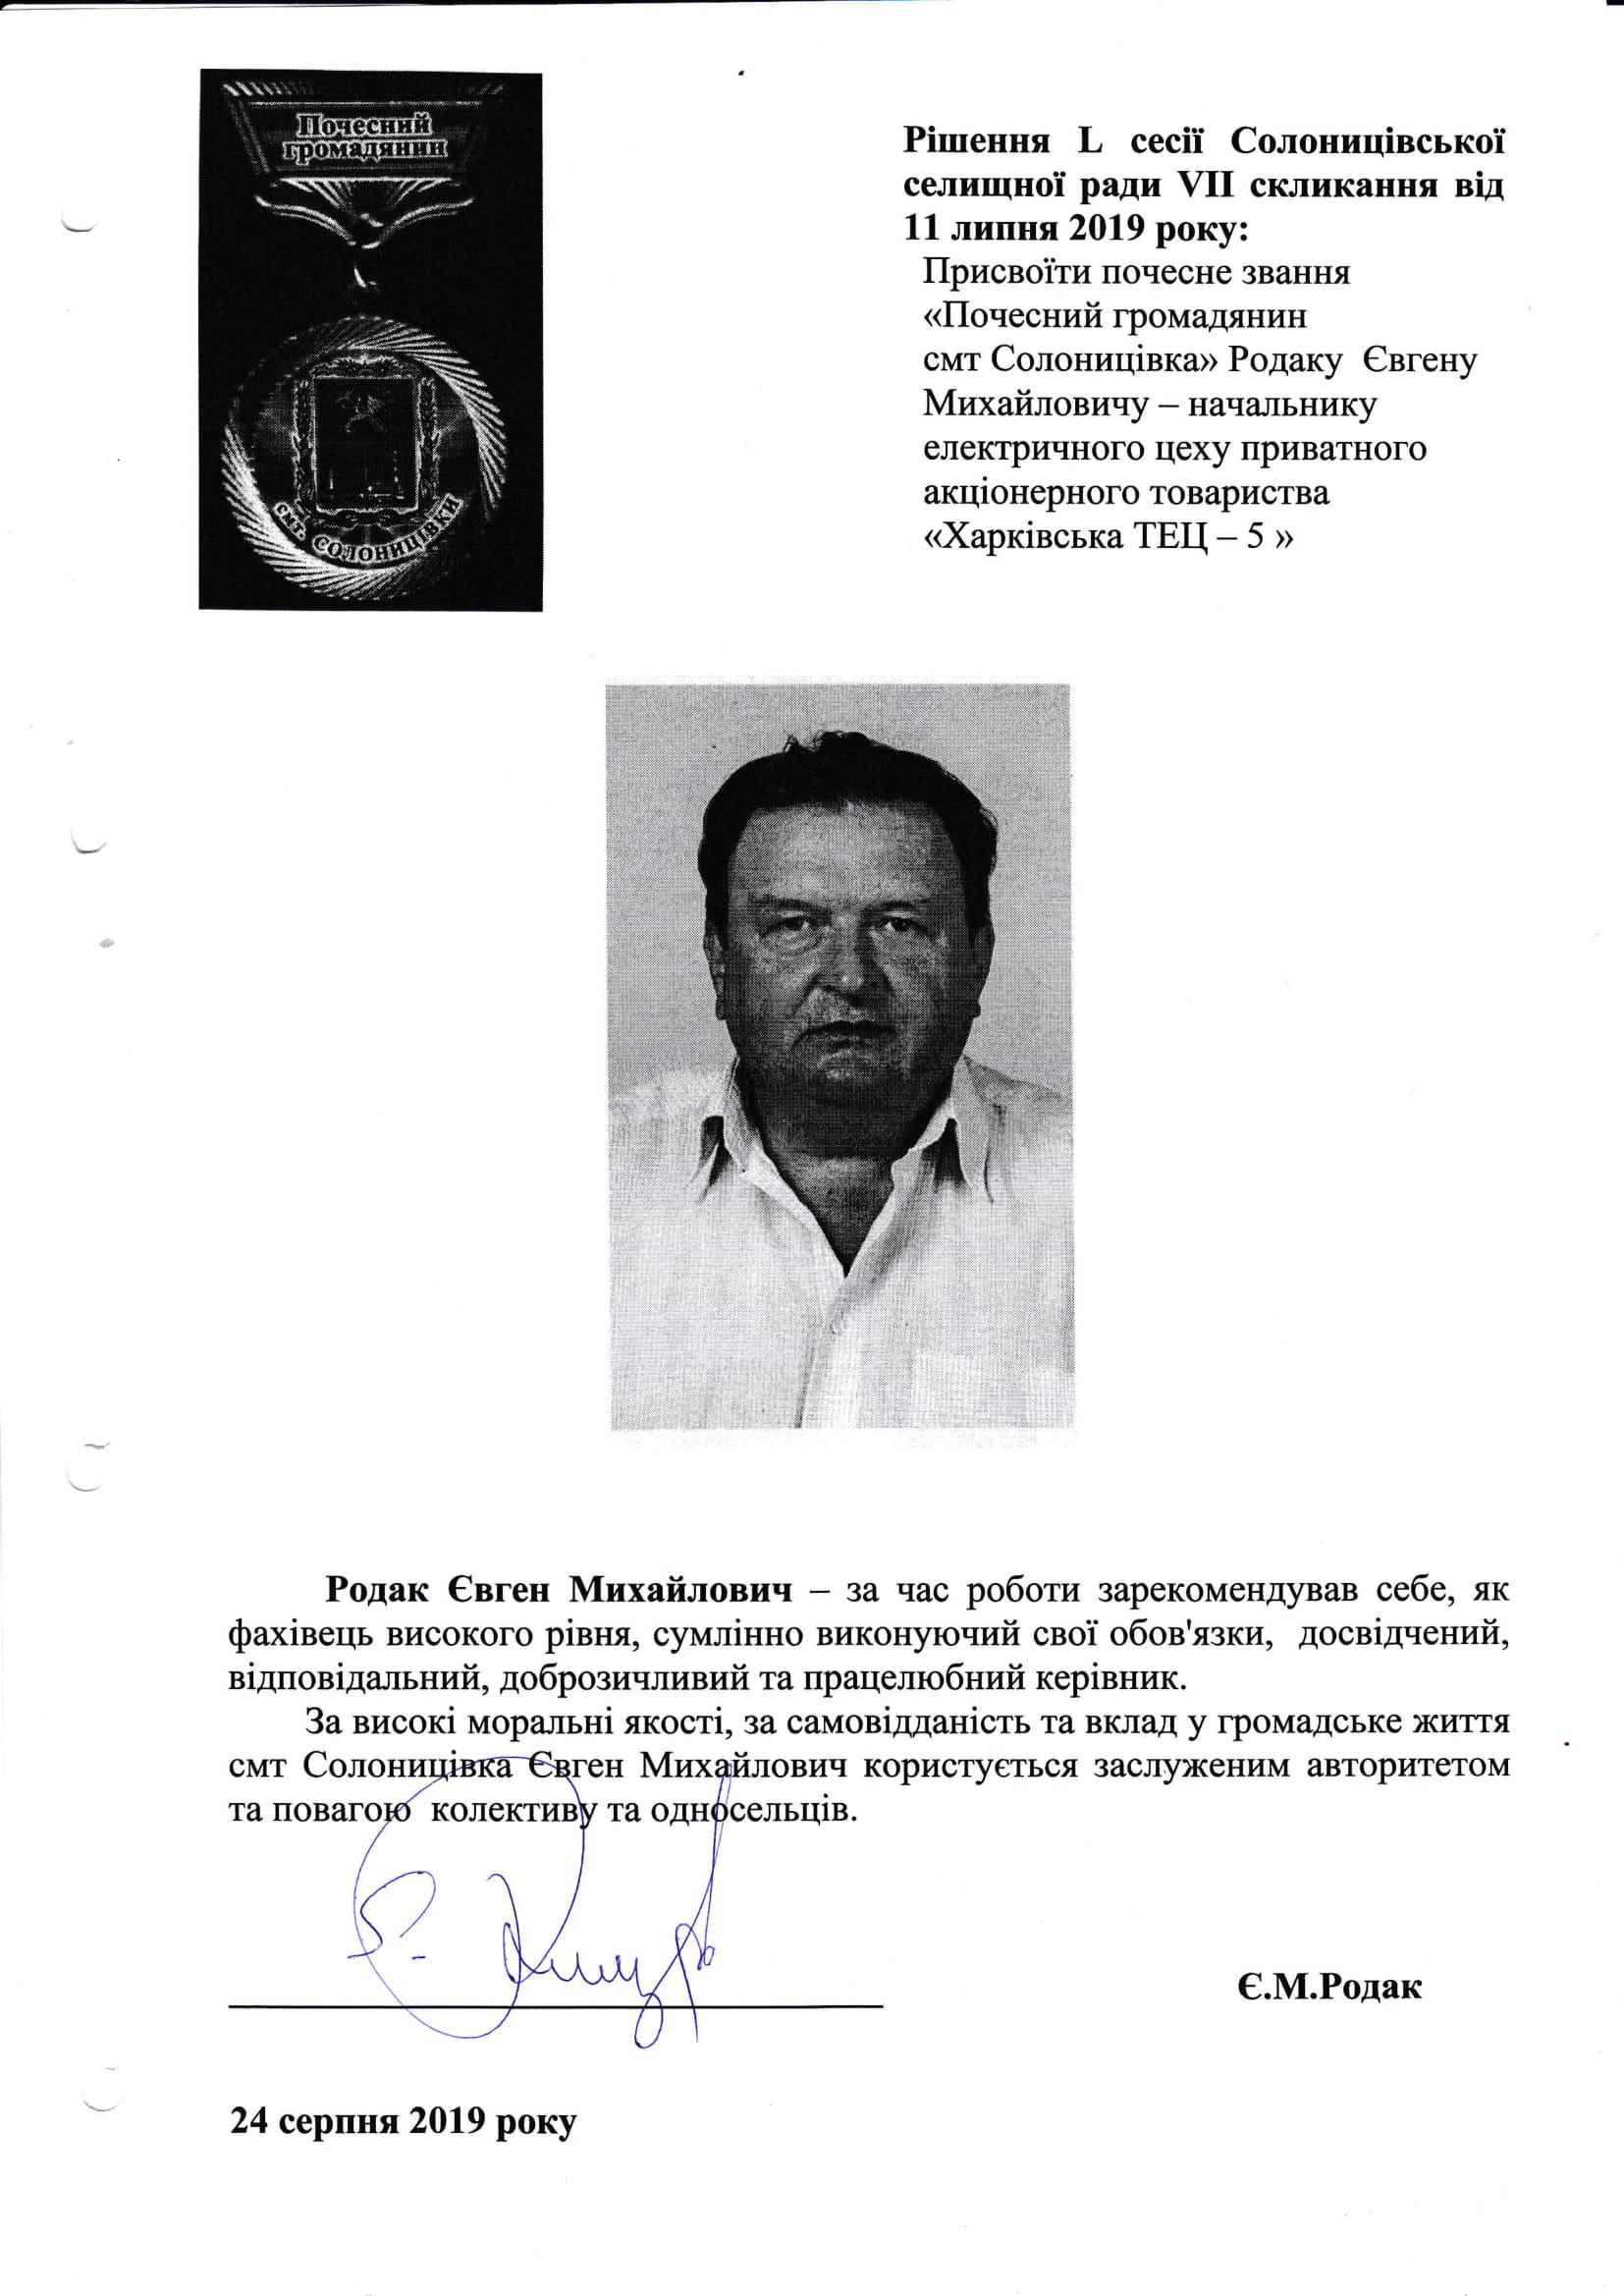 Родак Євген Михайлович